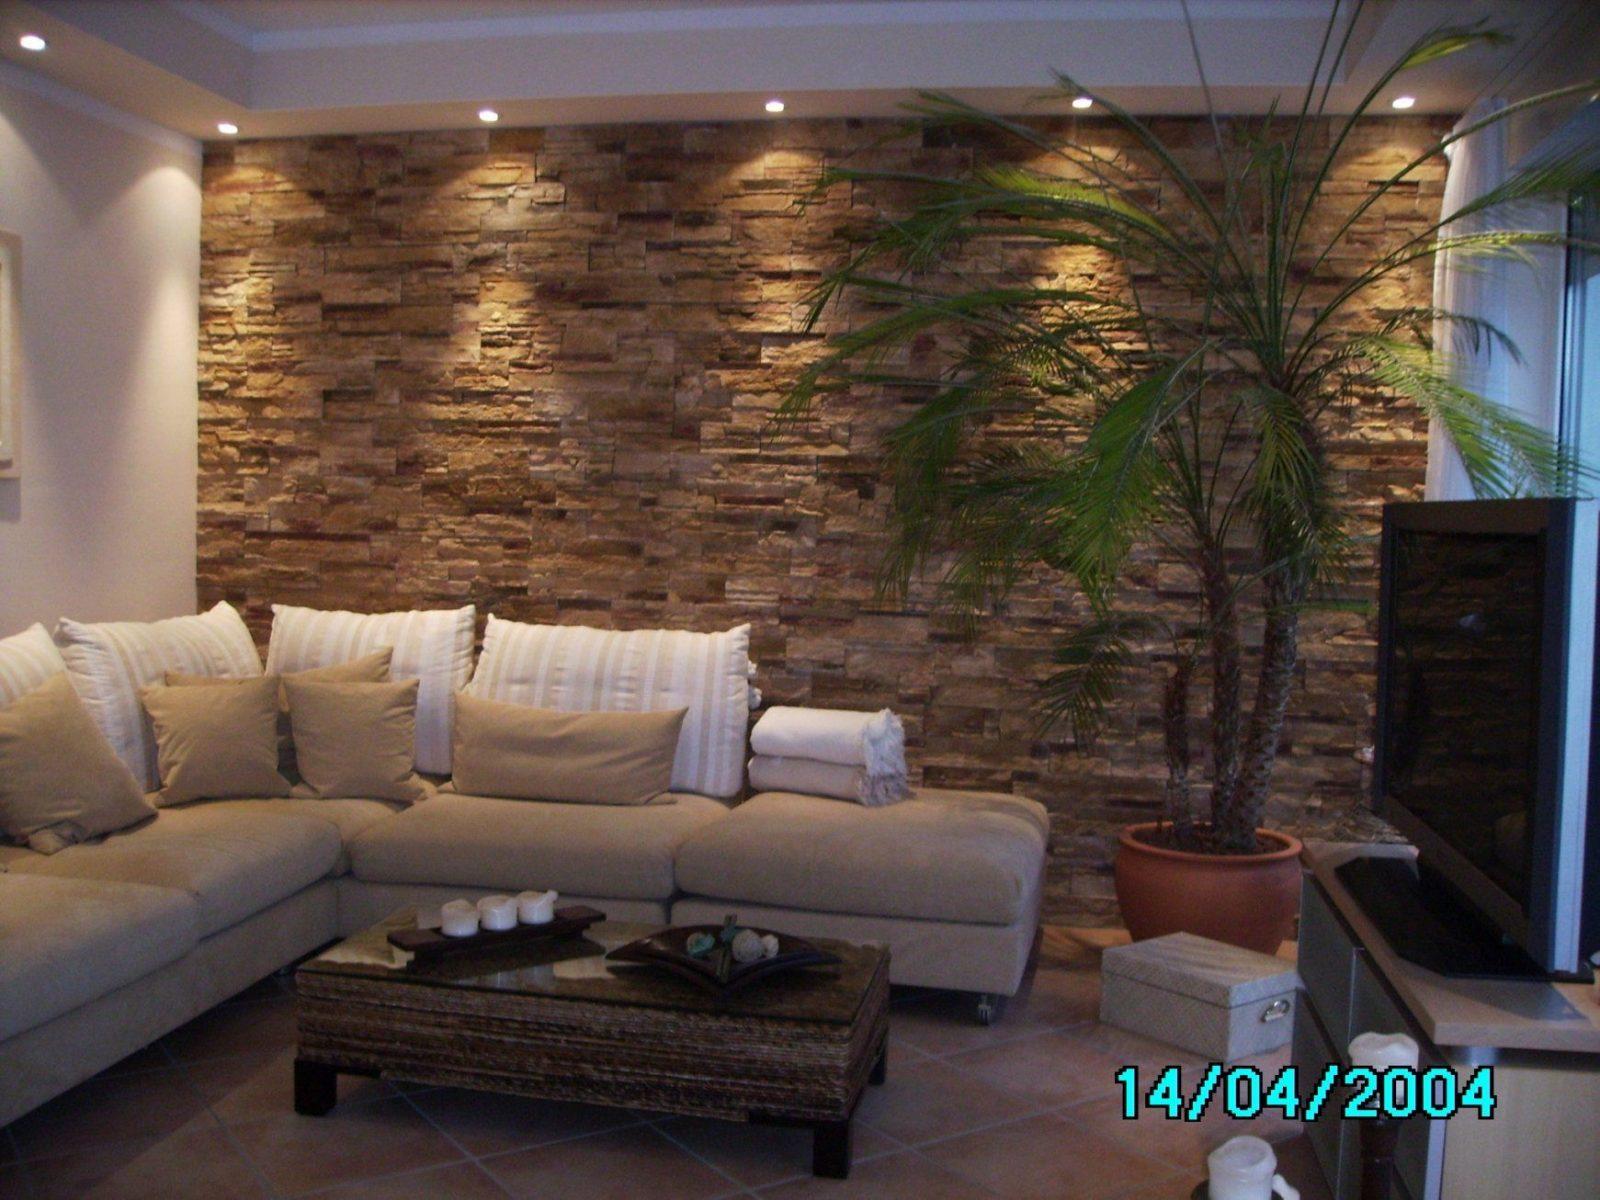 Heavenly Wand Gestalten Mit Steinen Konzept Tisch Fresko Avec von Wände Mit Steinen Gestalten Photo